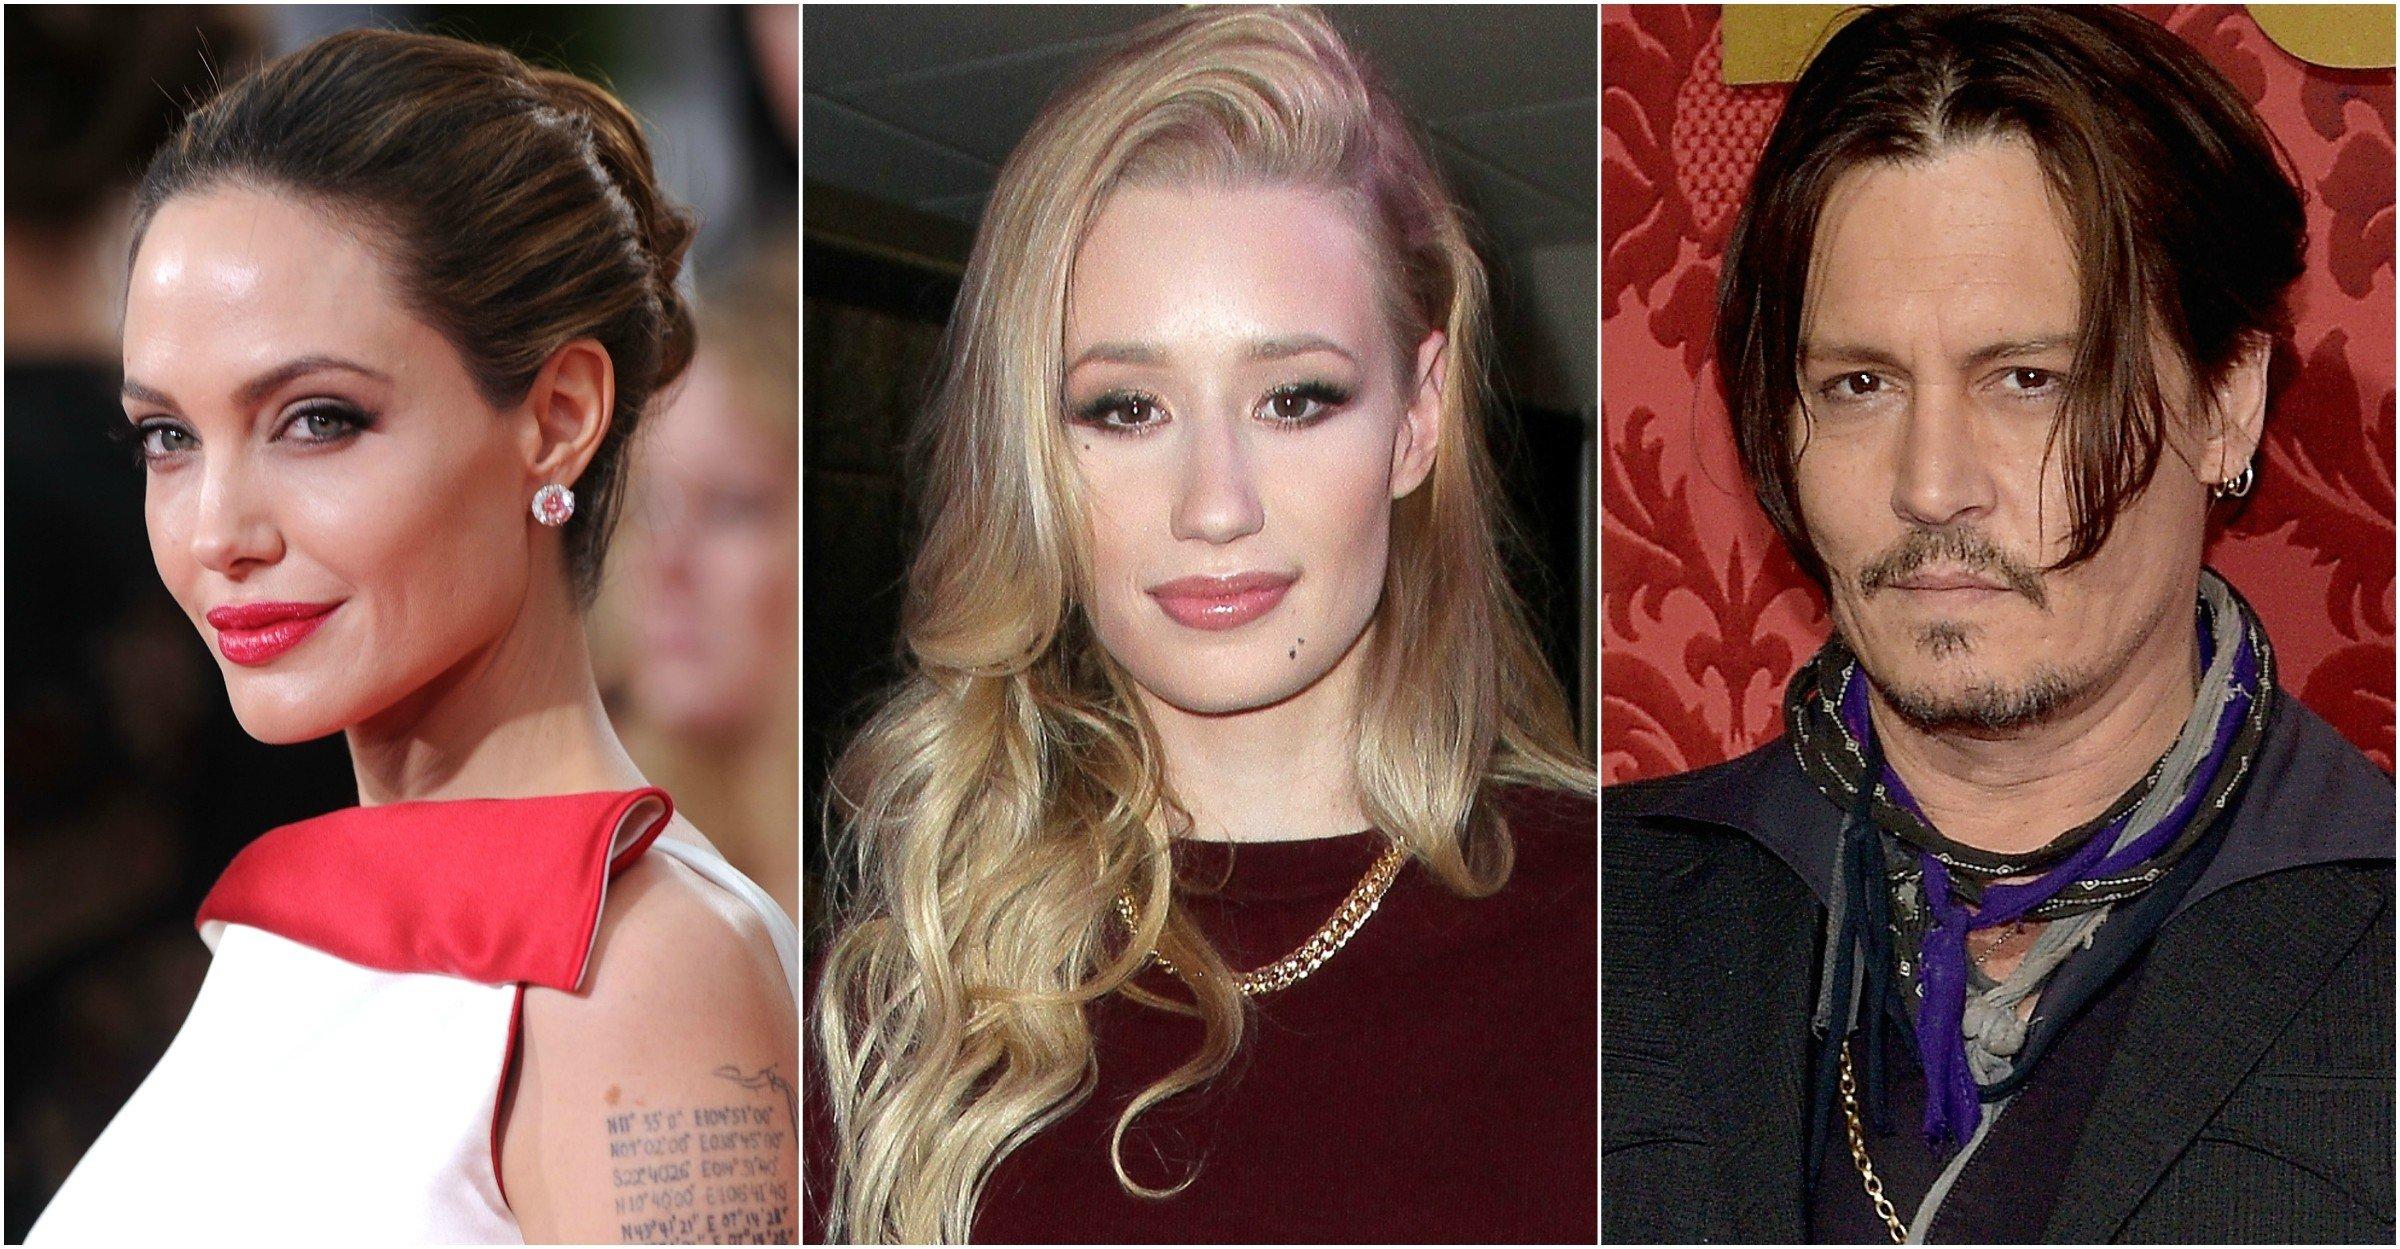 abre apagaram tatuagem ex.jpg?resize=648,365 - Essas 10 celebridades de Hollywood tiveram segredos vazados por antigos colegas